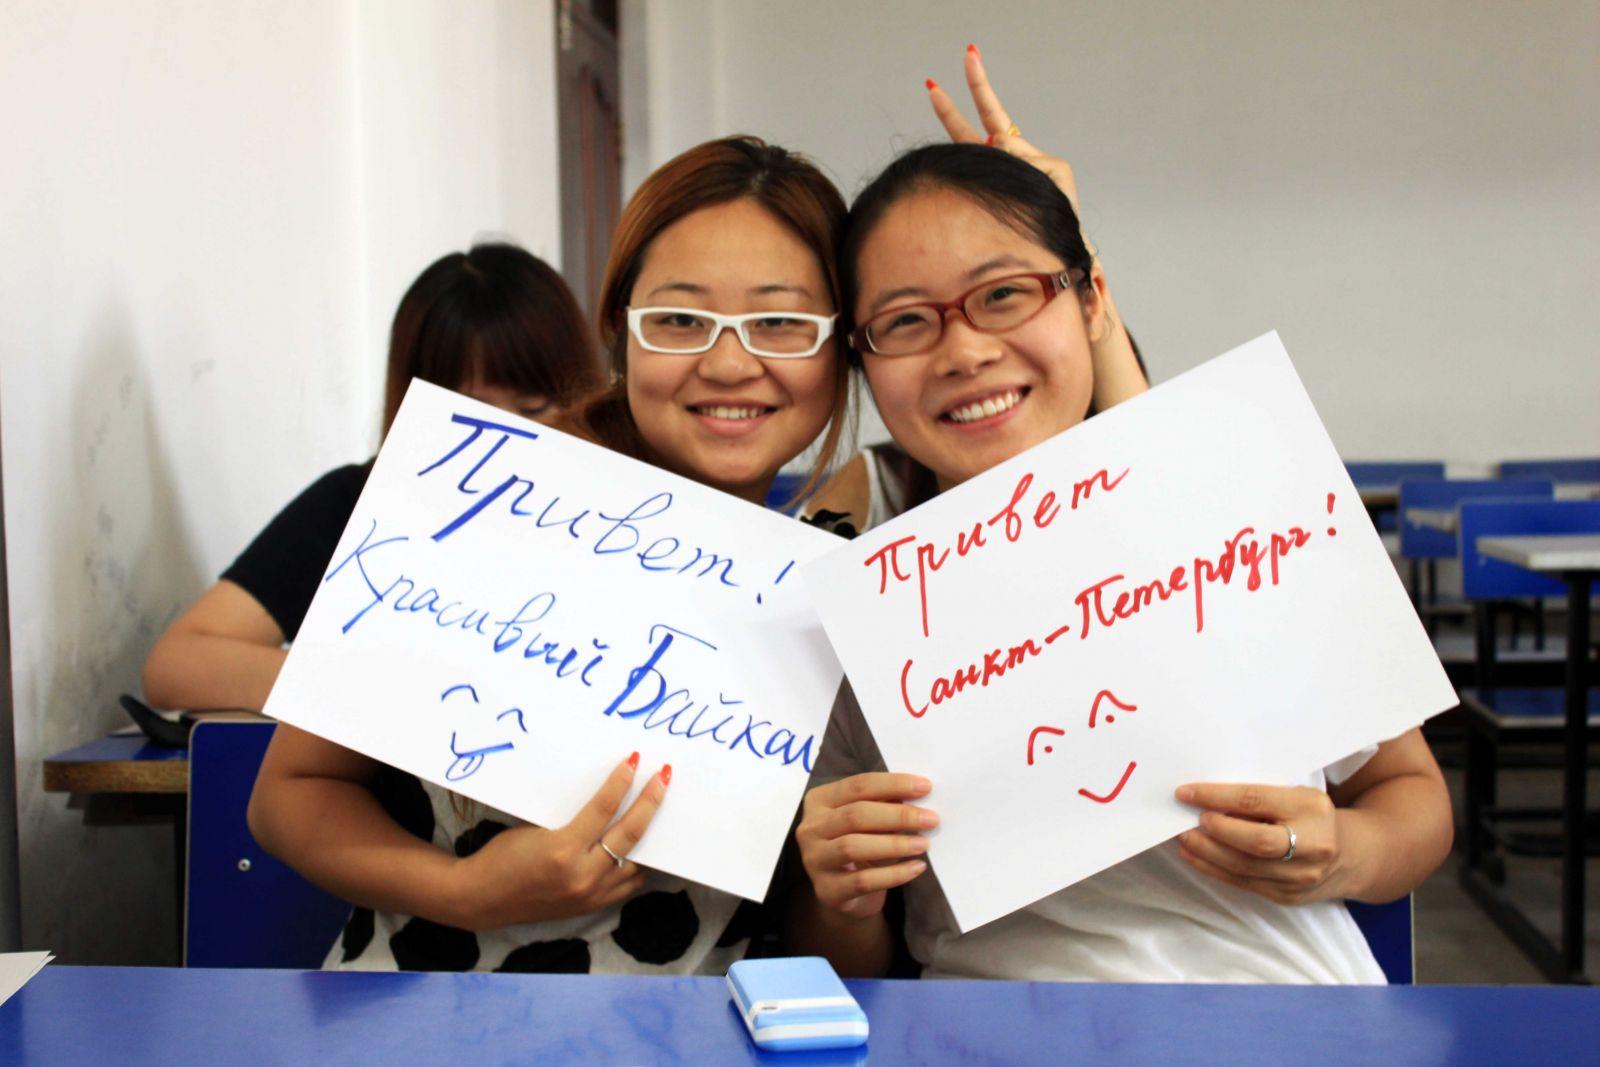 Vot-takoe-otnoshenie-kitajskih-studentov